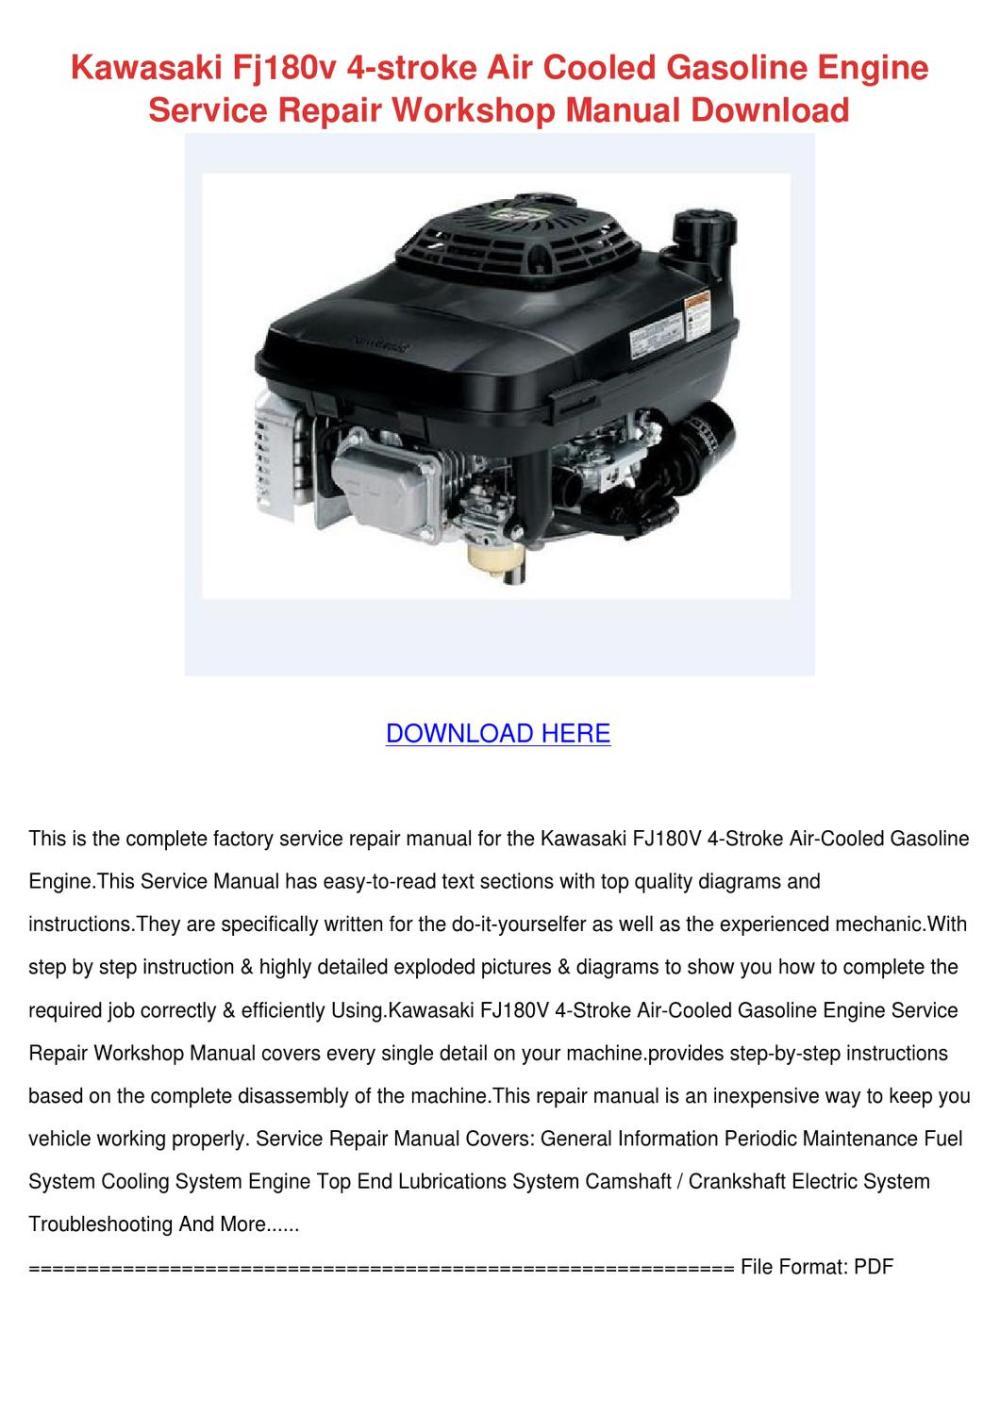 medium resolution of kawasaki fj180v 4 stroke air cooled gasoline